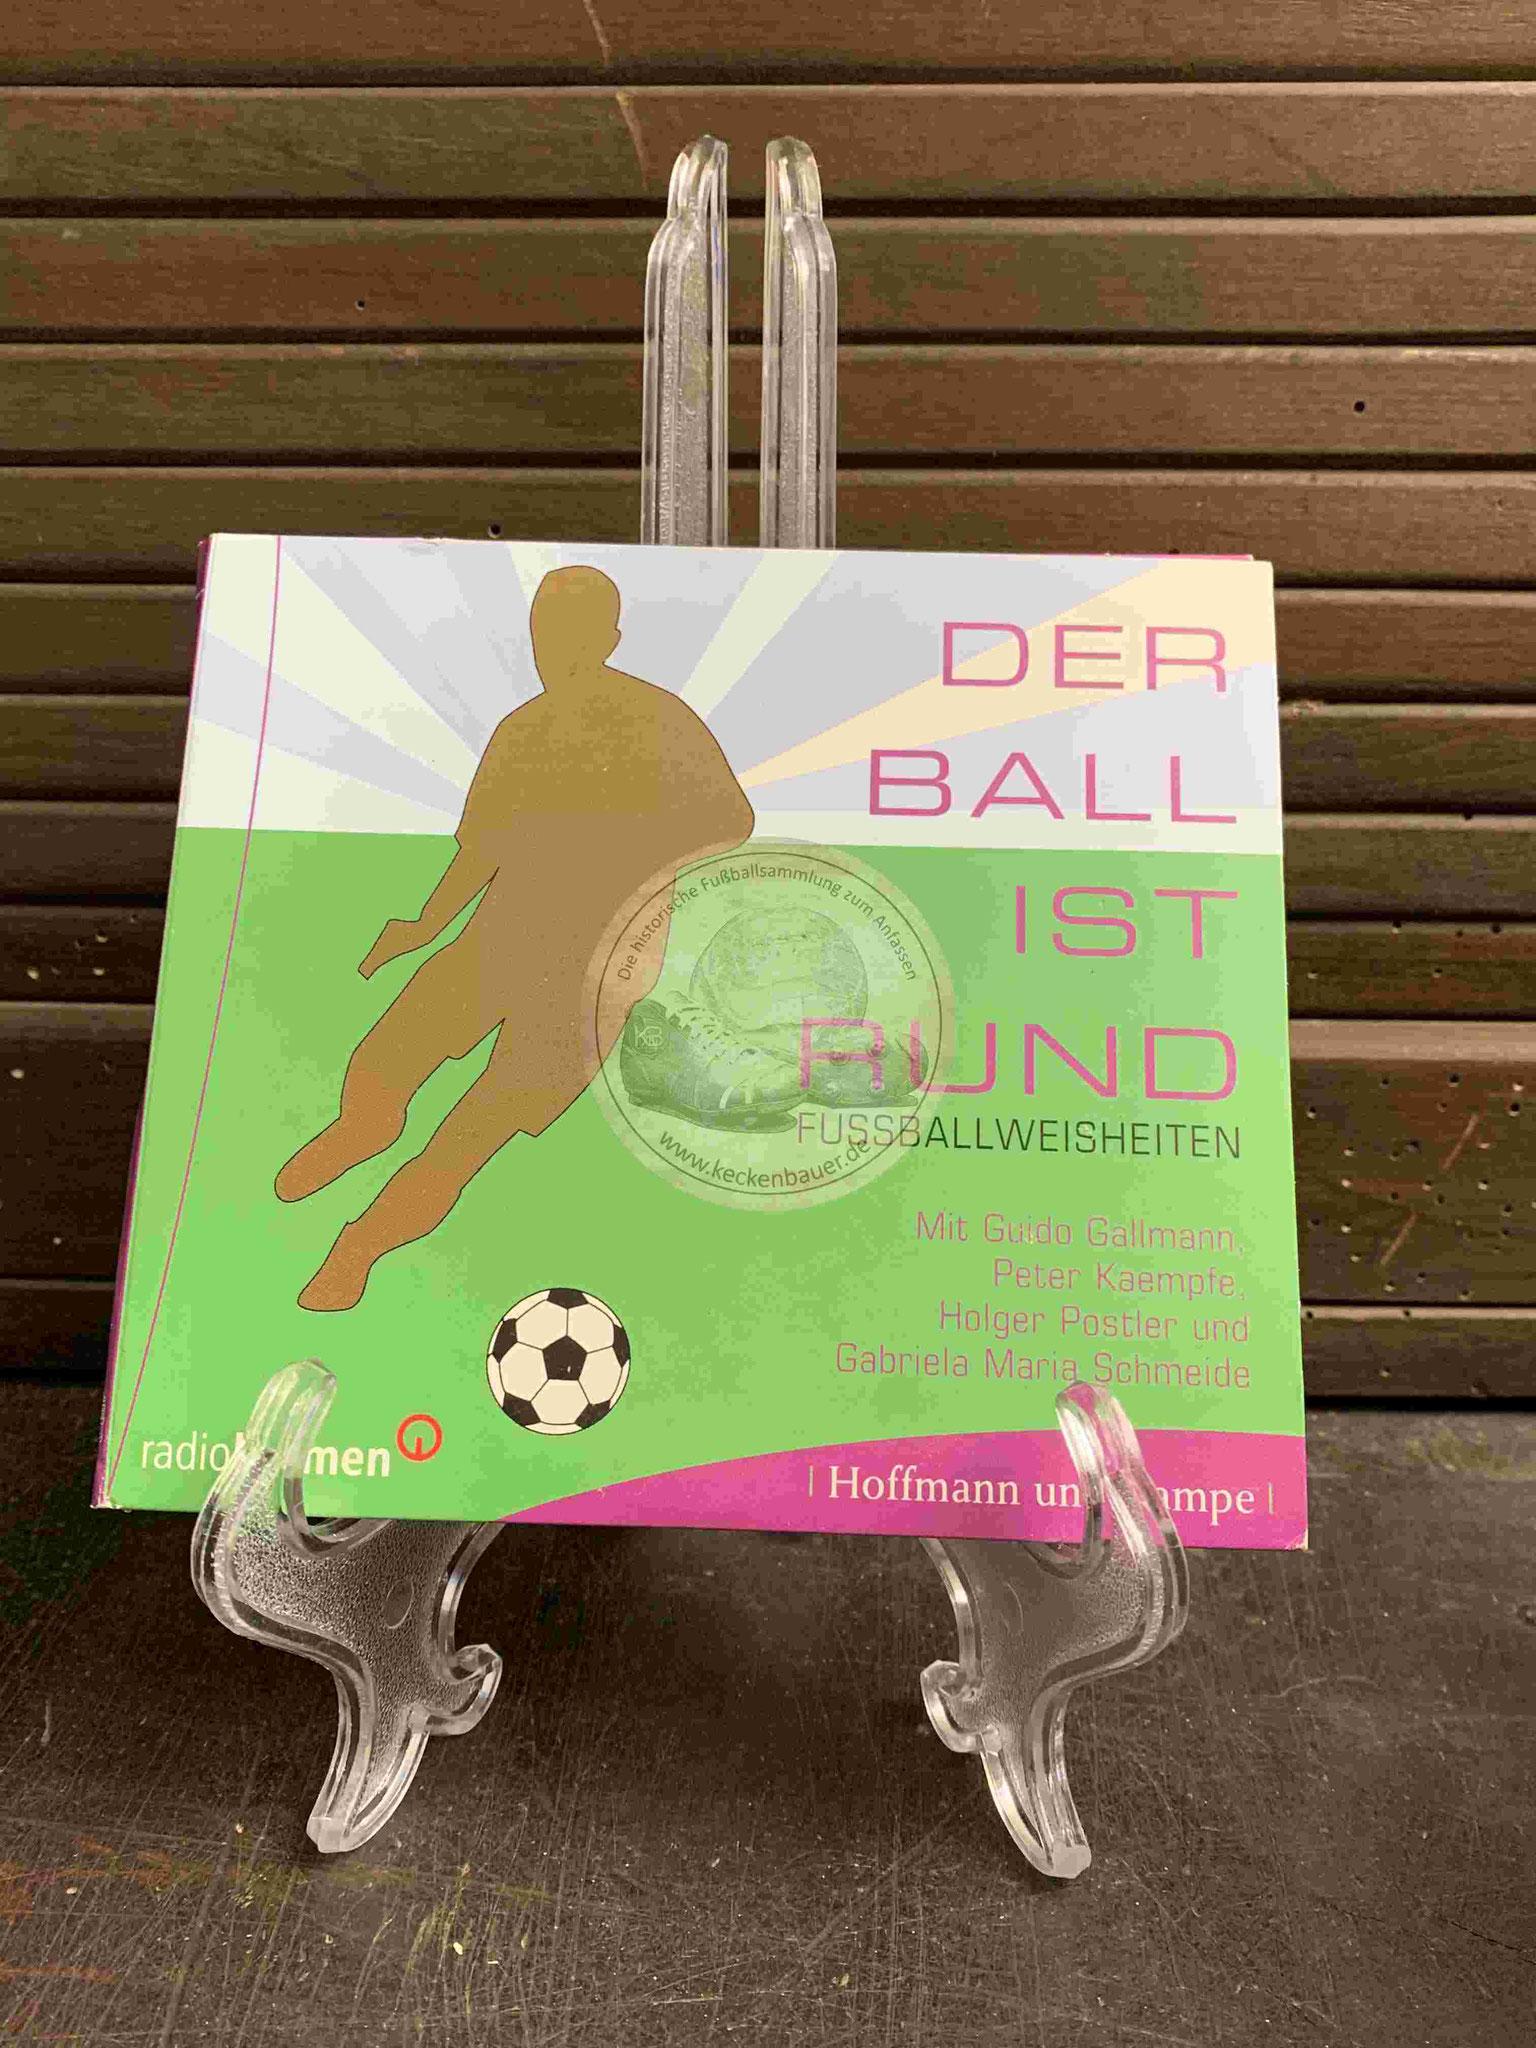 20131114 Der Ball ist runf Fußballweisheiten